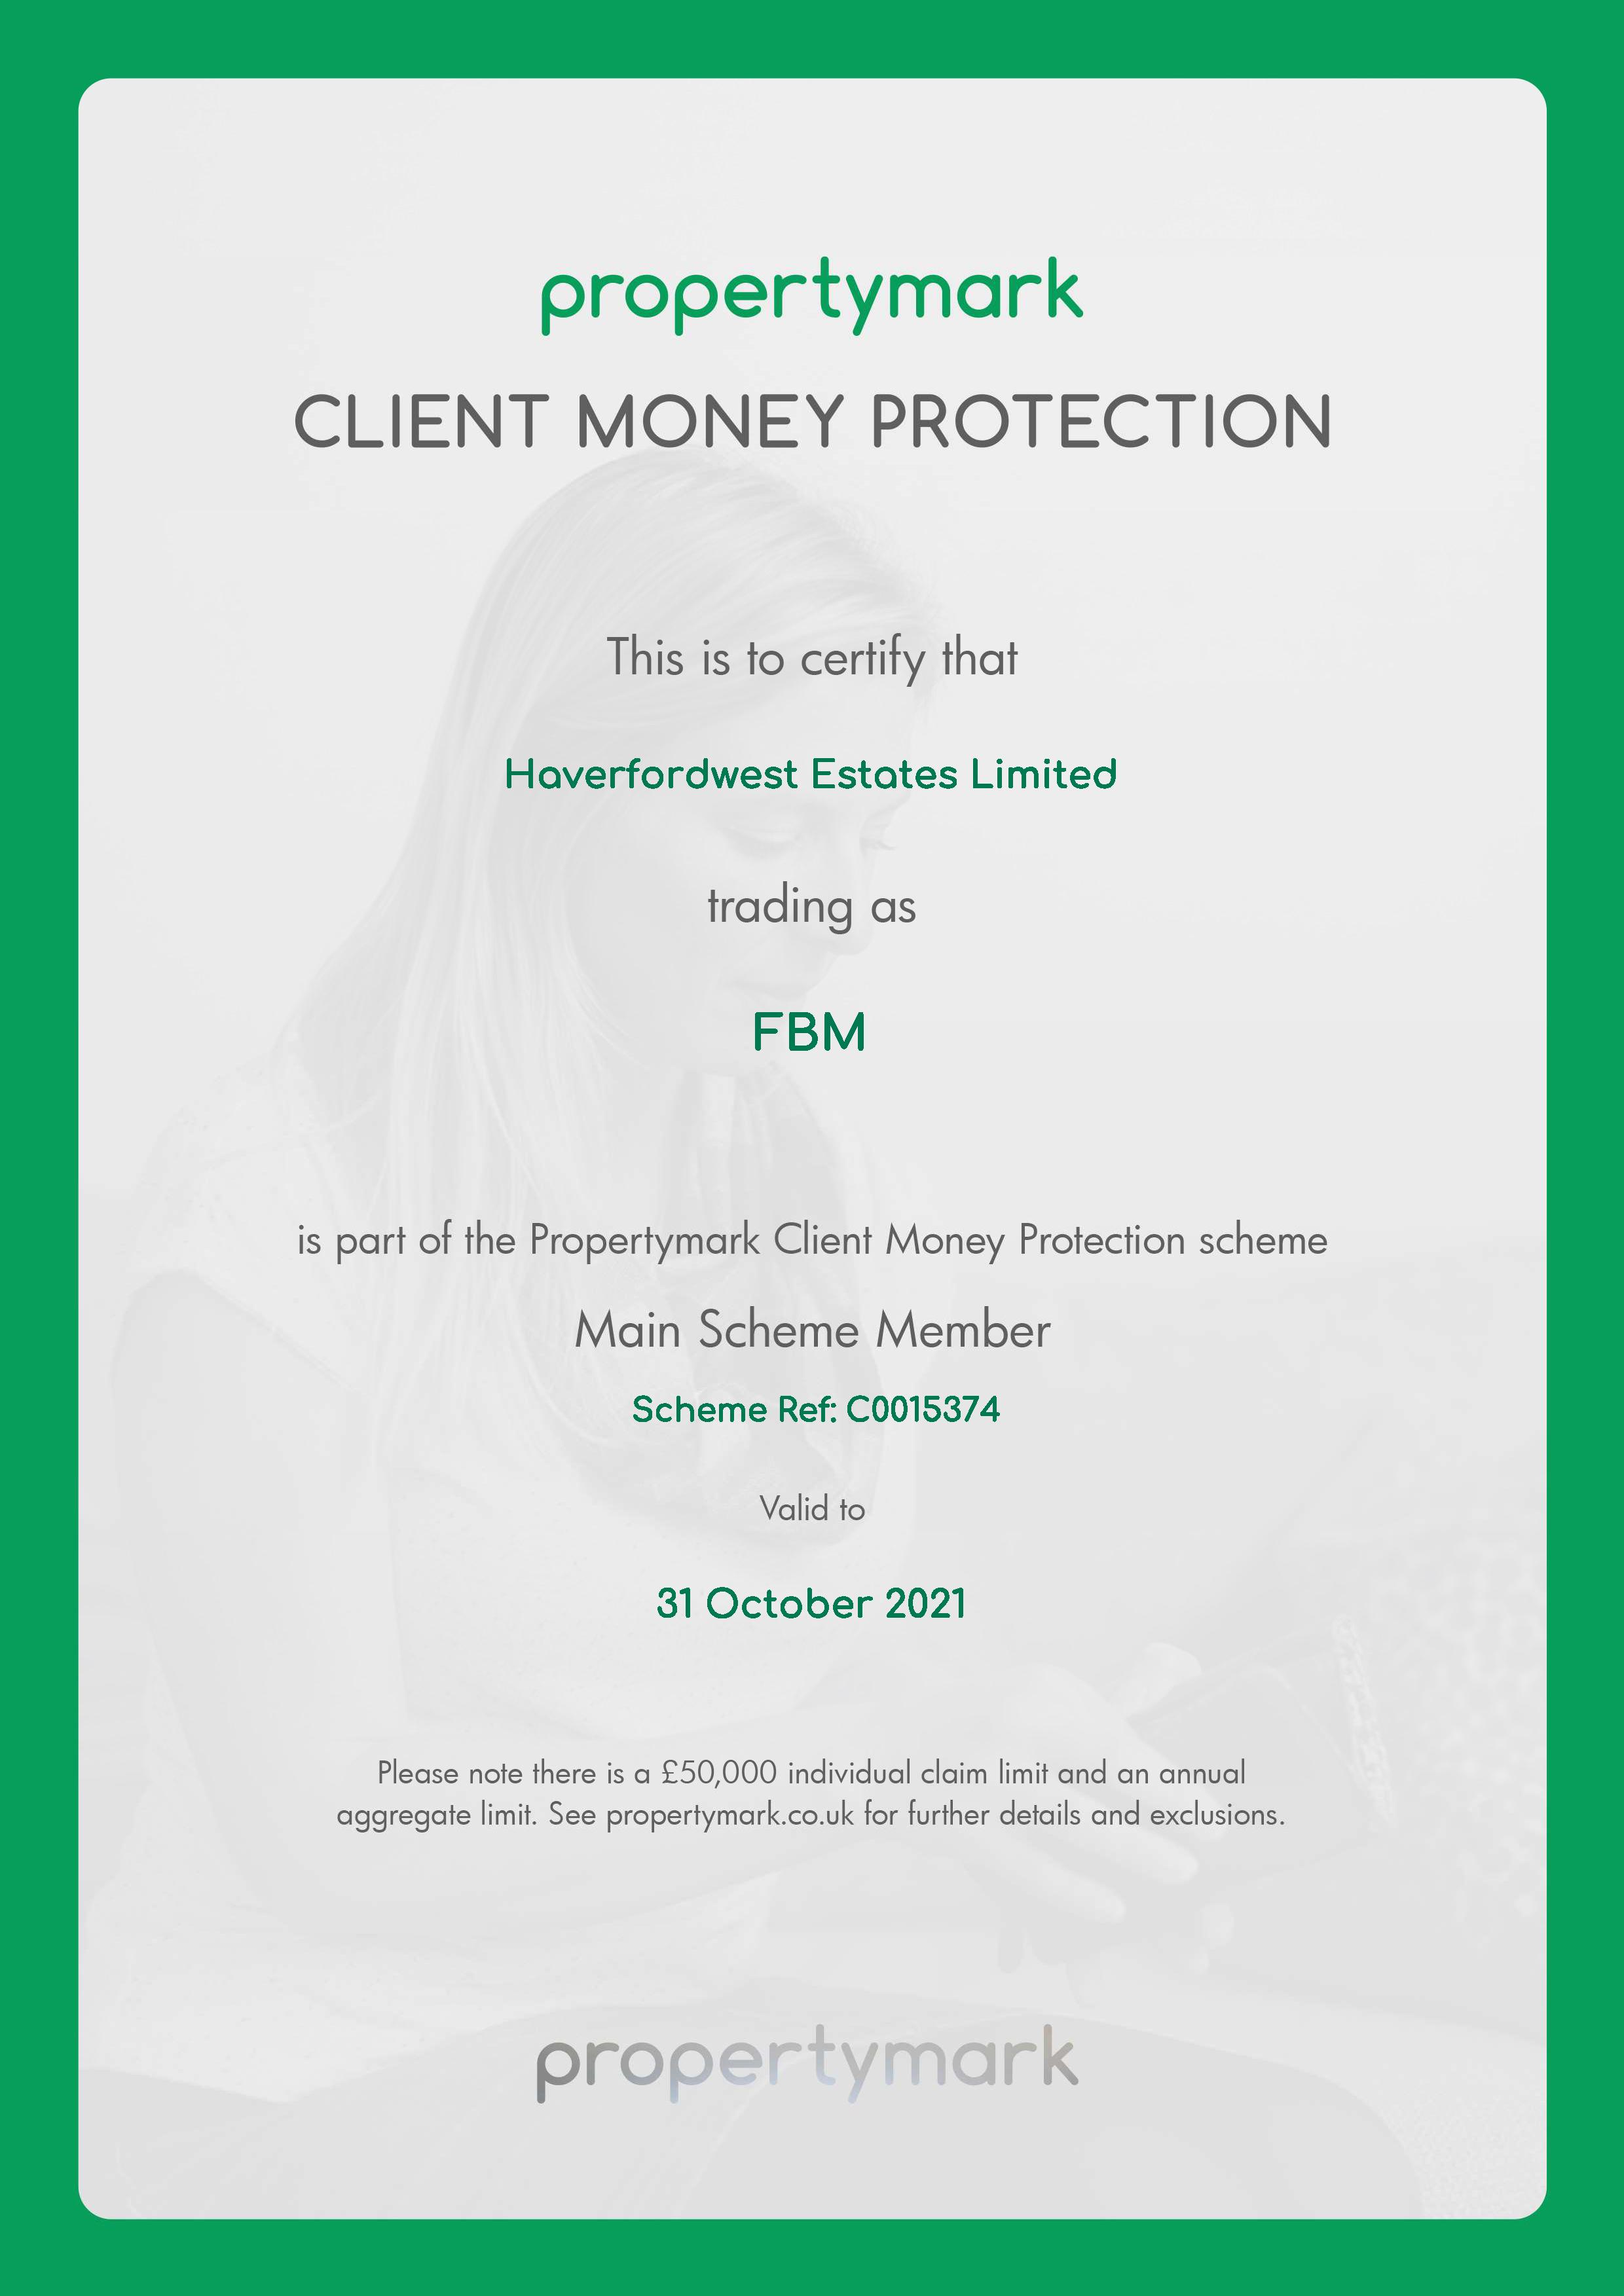 Haverfordwest Estates Limited CMP certificate